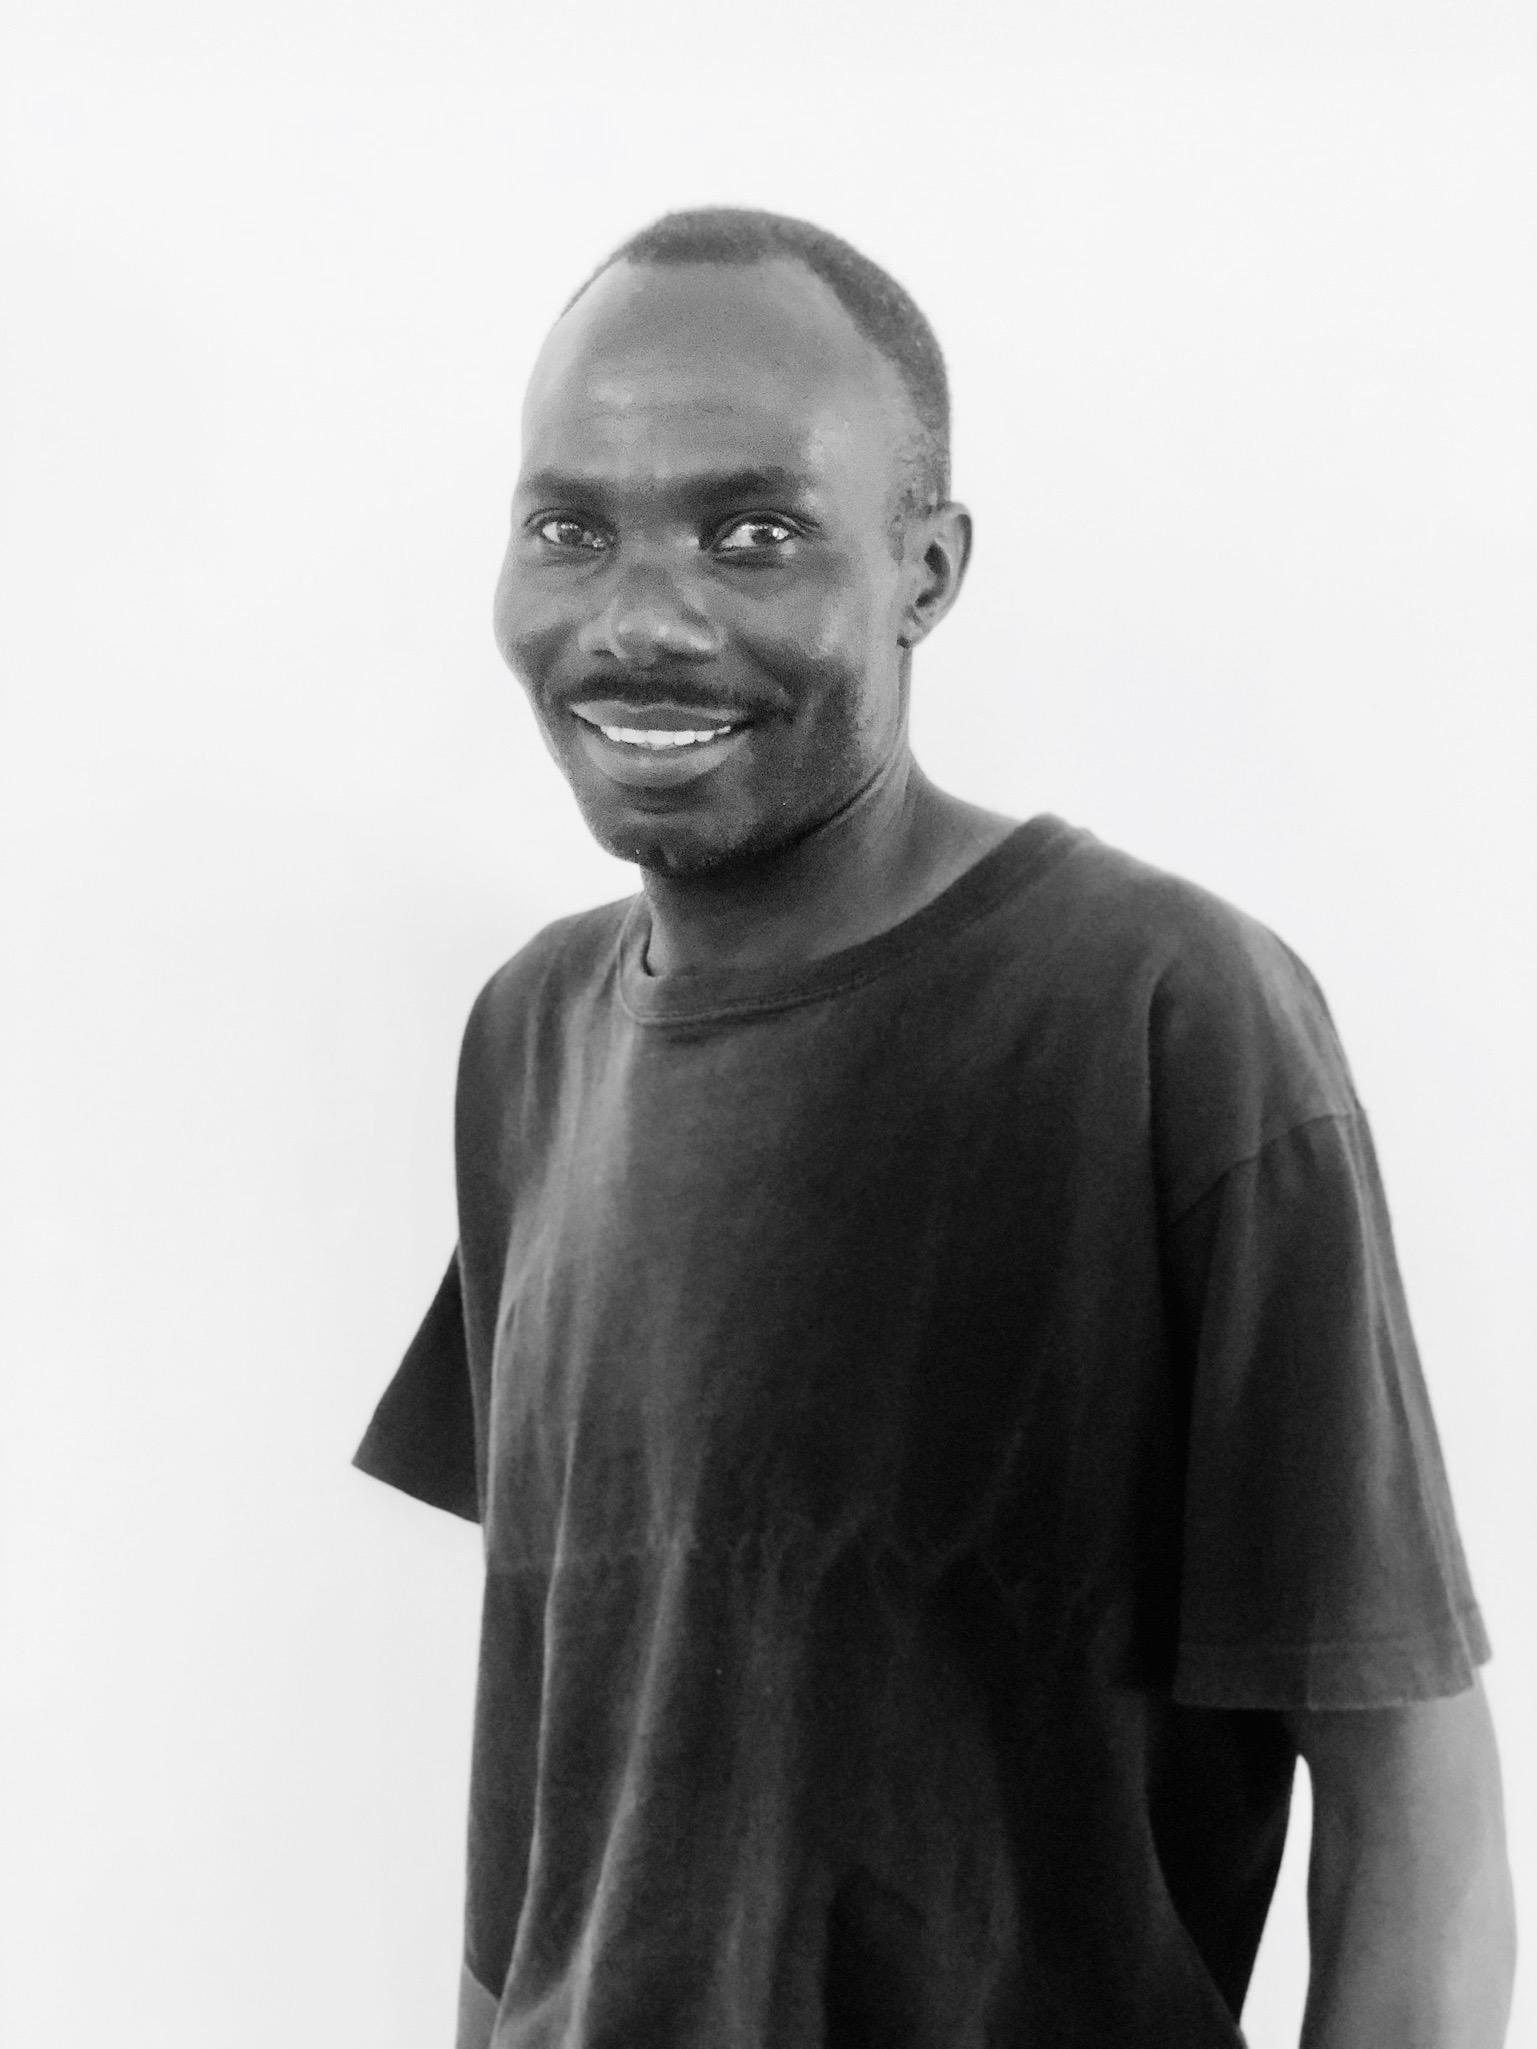 Reuben Ngwenya